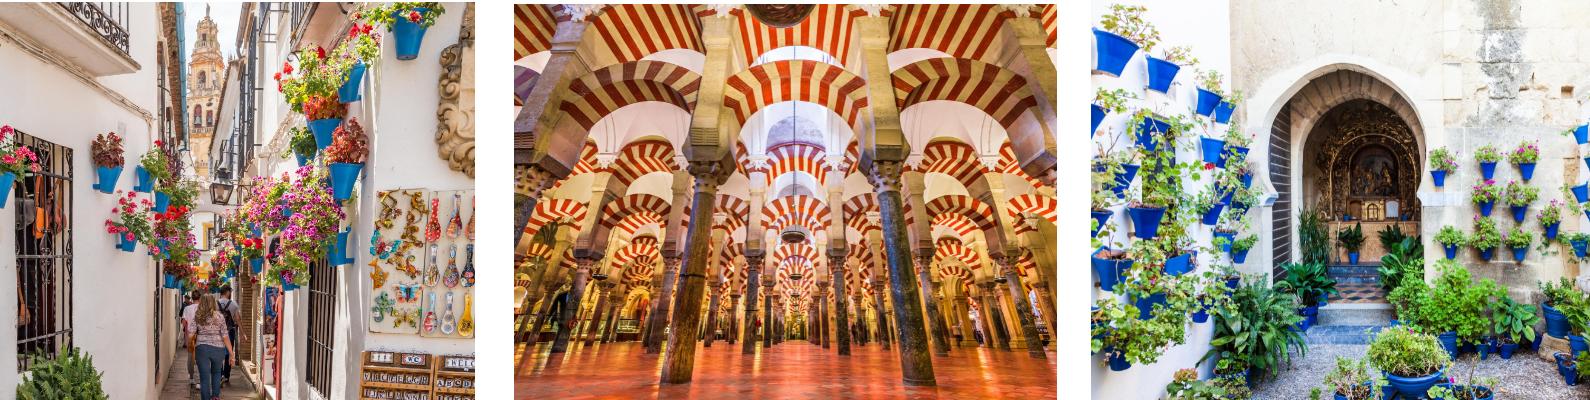 Calles con crisantemos, patio andaluz y la Mezquita Catedral de Córdoba